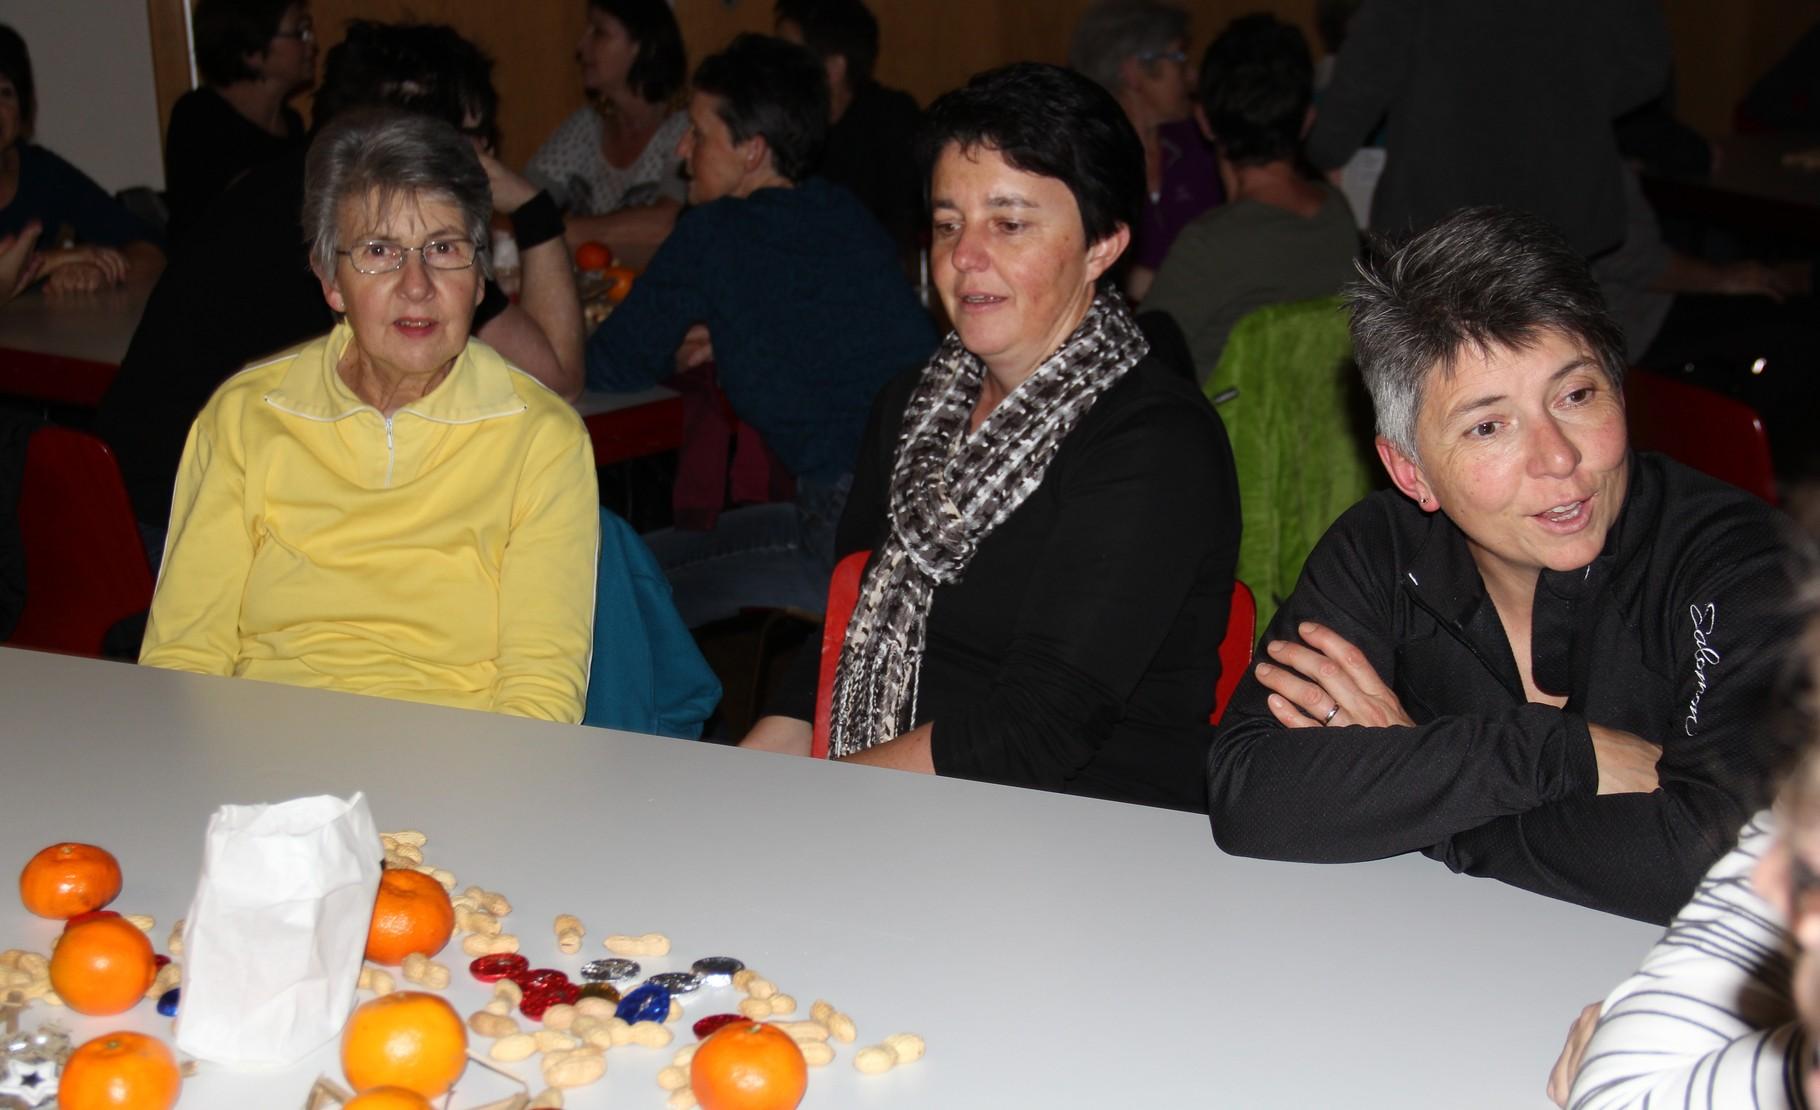 Resli, Silvia und Eva